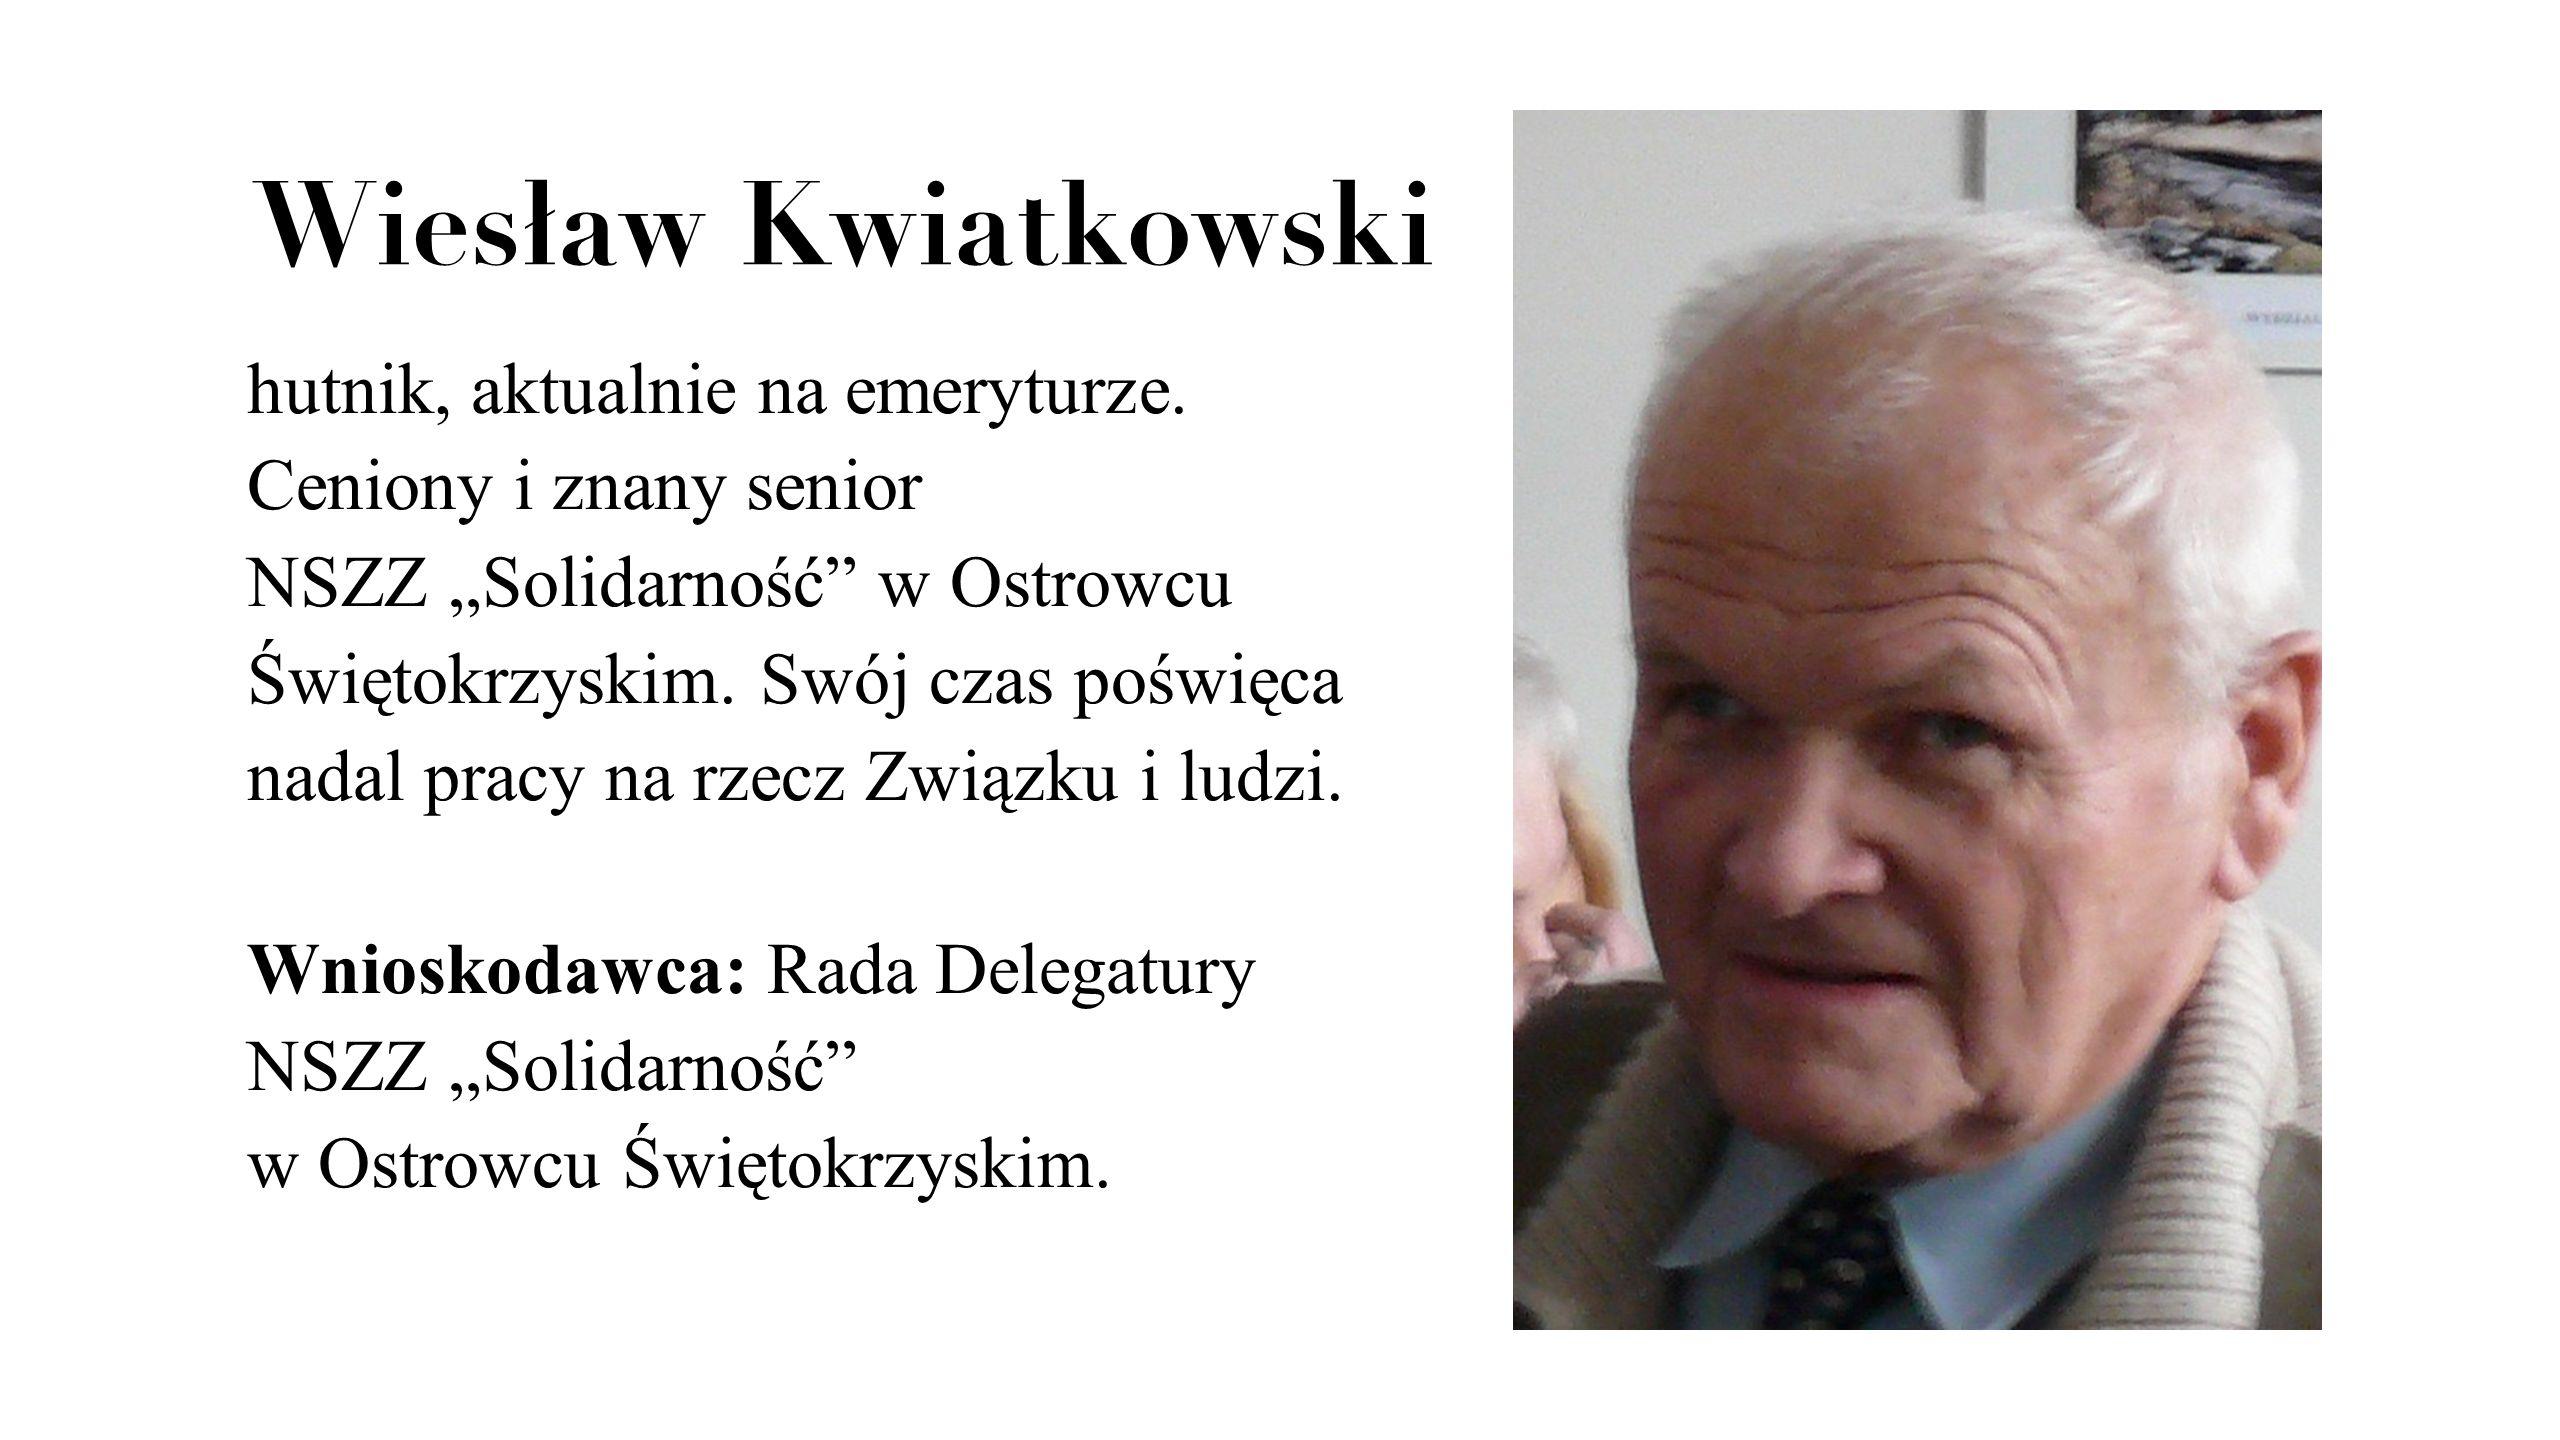 Wiesław Kwiatkowski